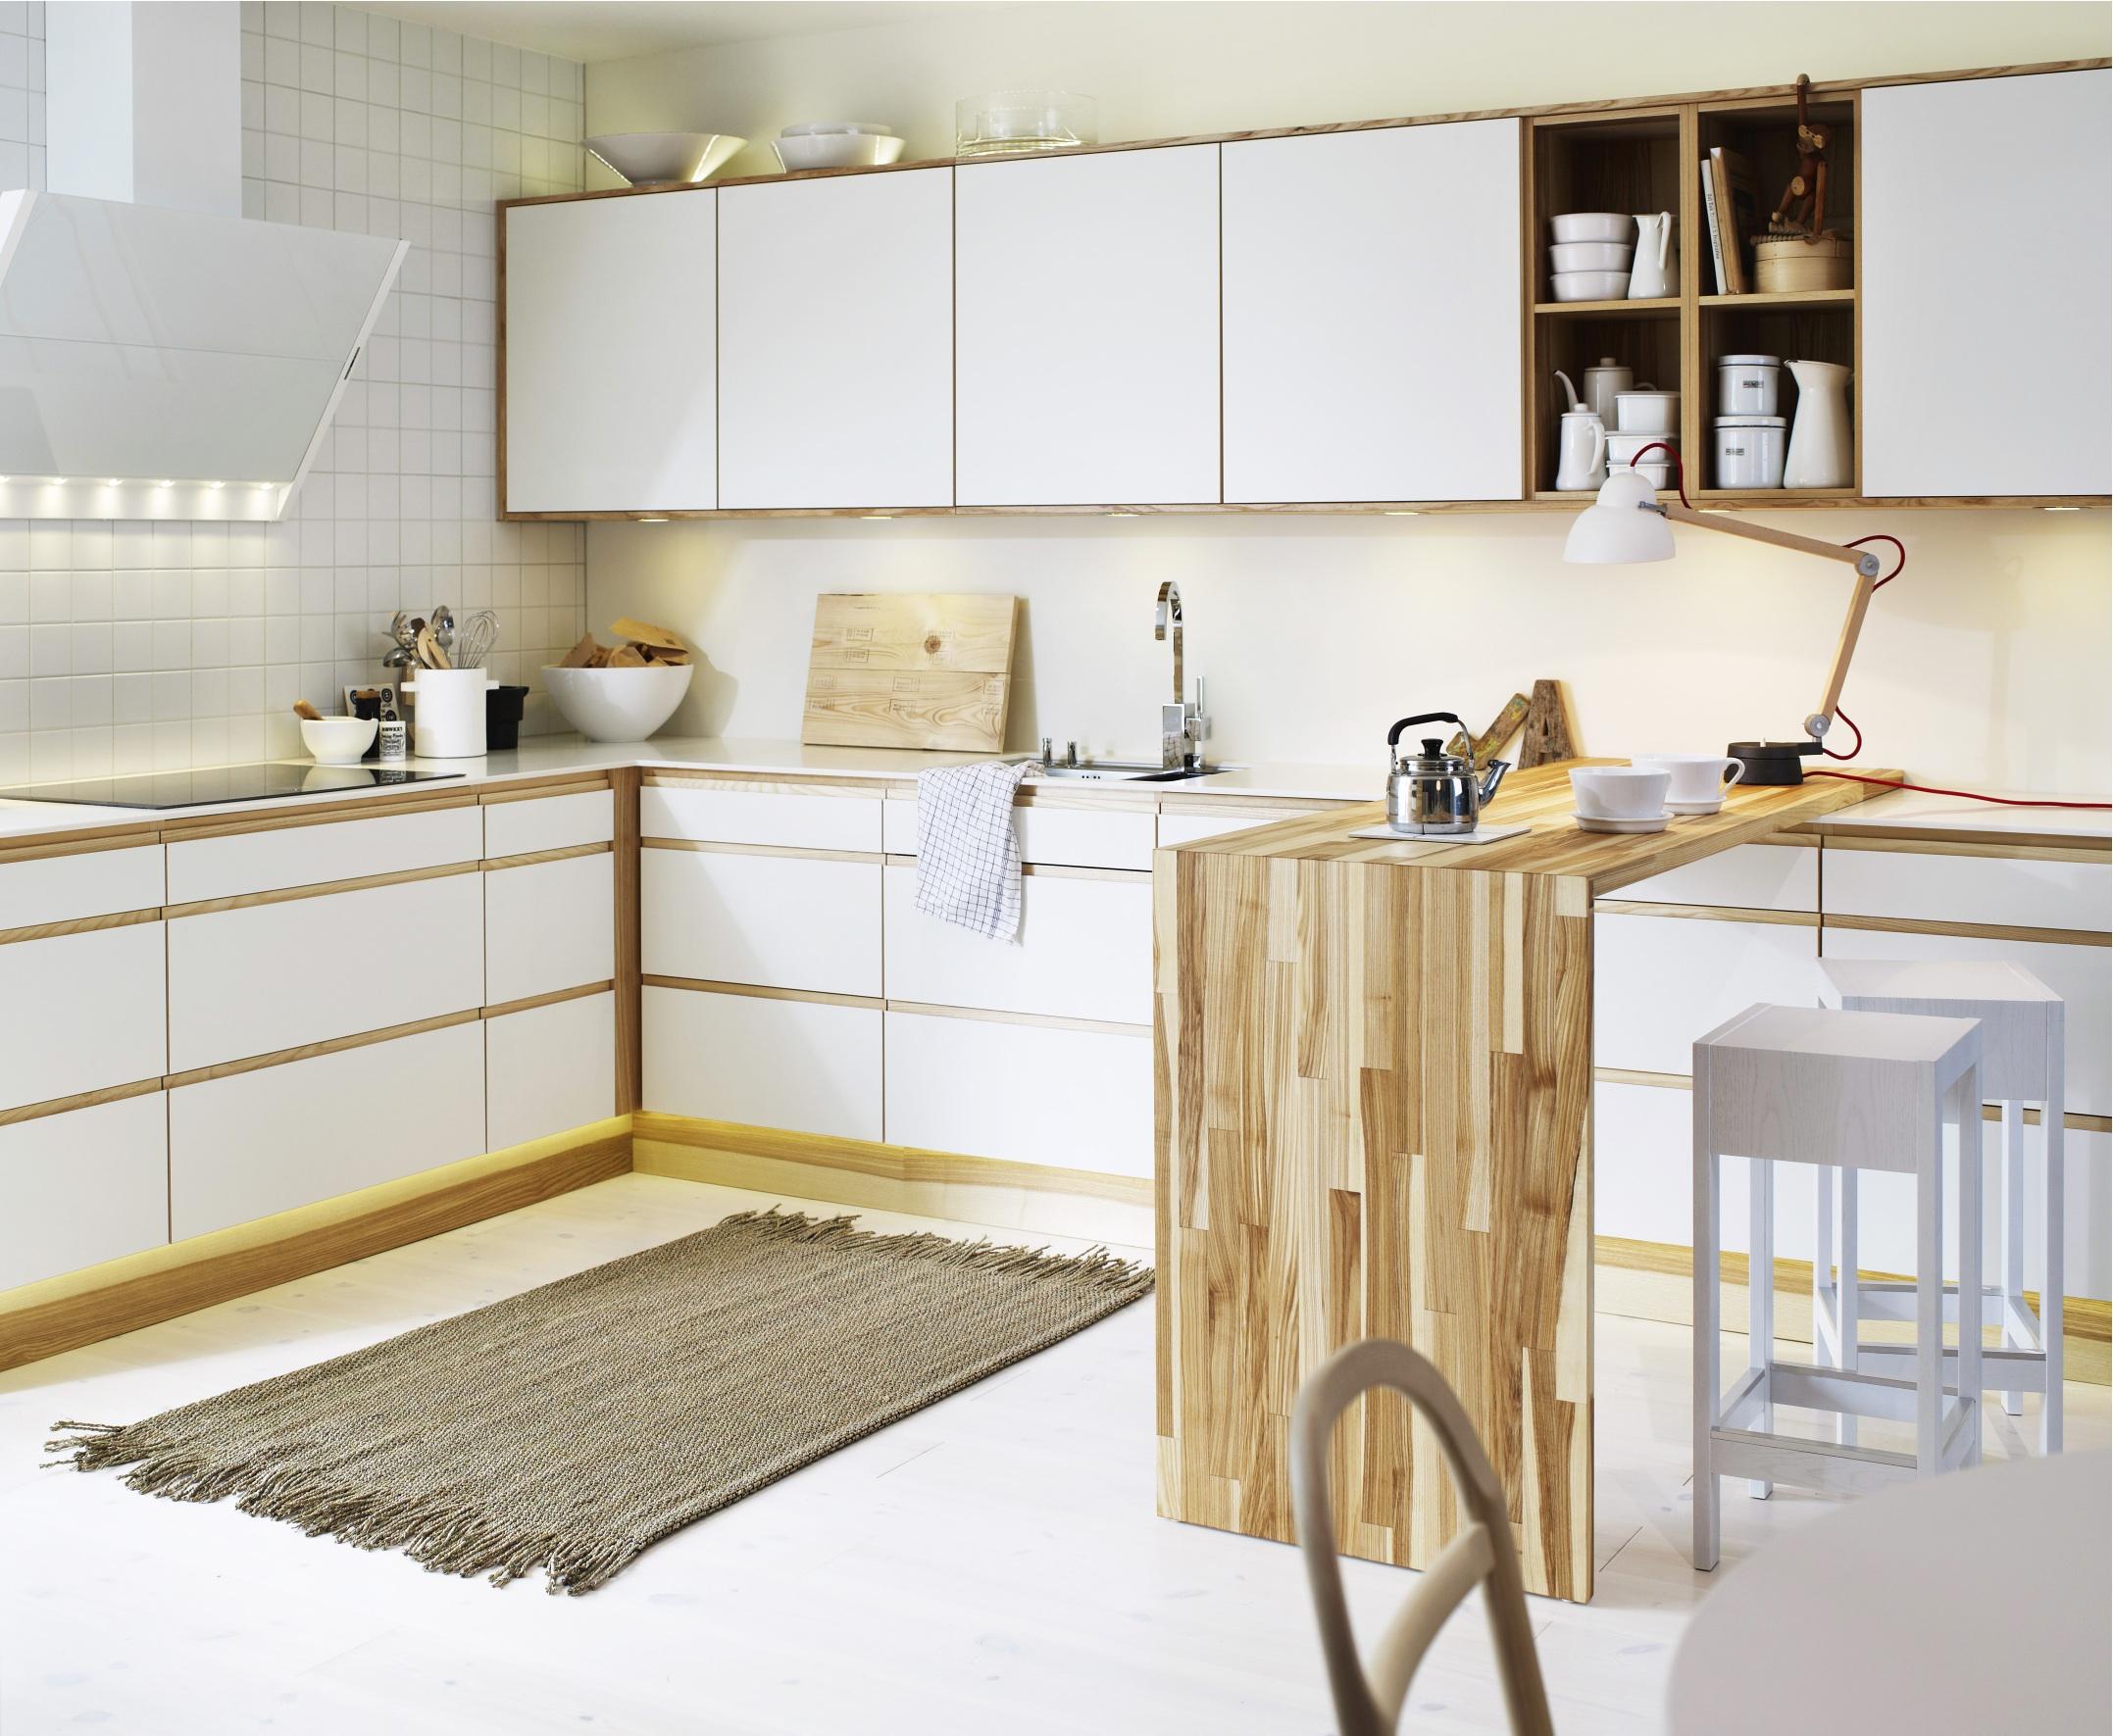 Vitt kök utan handtag ~ Zeedub.com